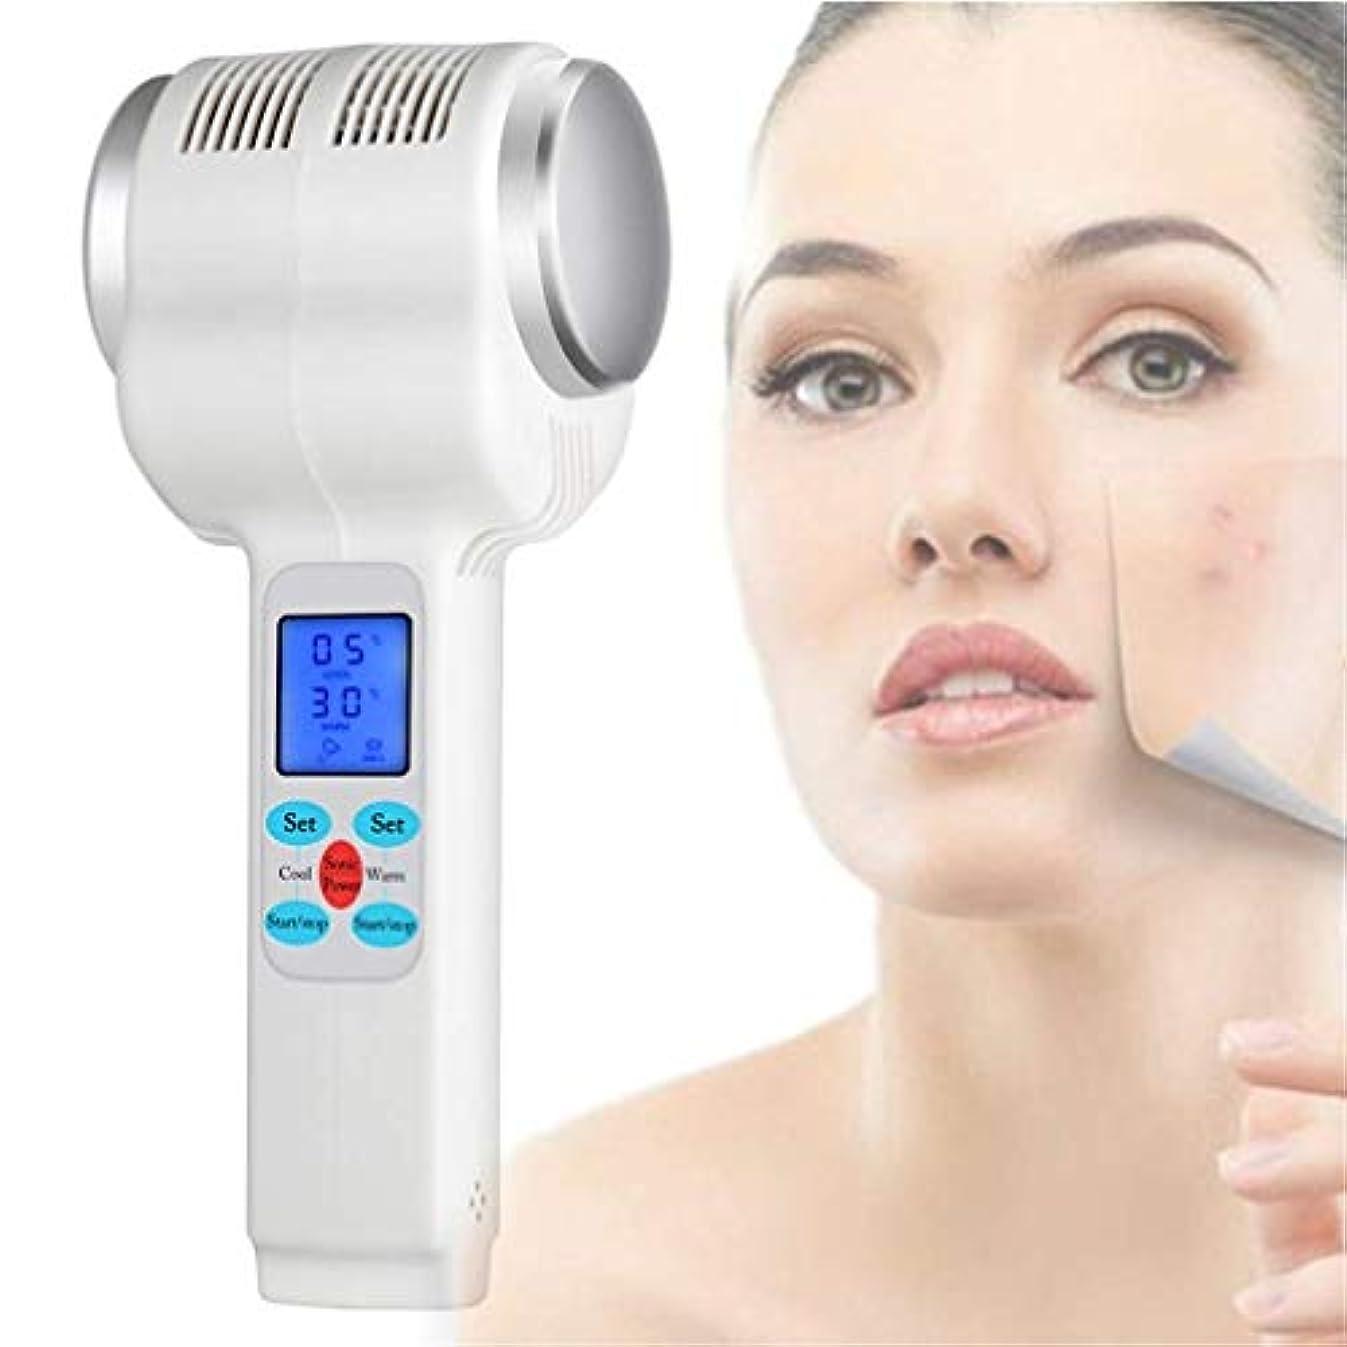 砂利厚さ壮大な顔のリフティングセラピースキンを引き締めるマッサージマシンの美しさを持ち上げる顔の美容マシン超音波ホットコールドハンマーボディスキンリフティング、アイバッグ除去、しわの除去